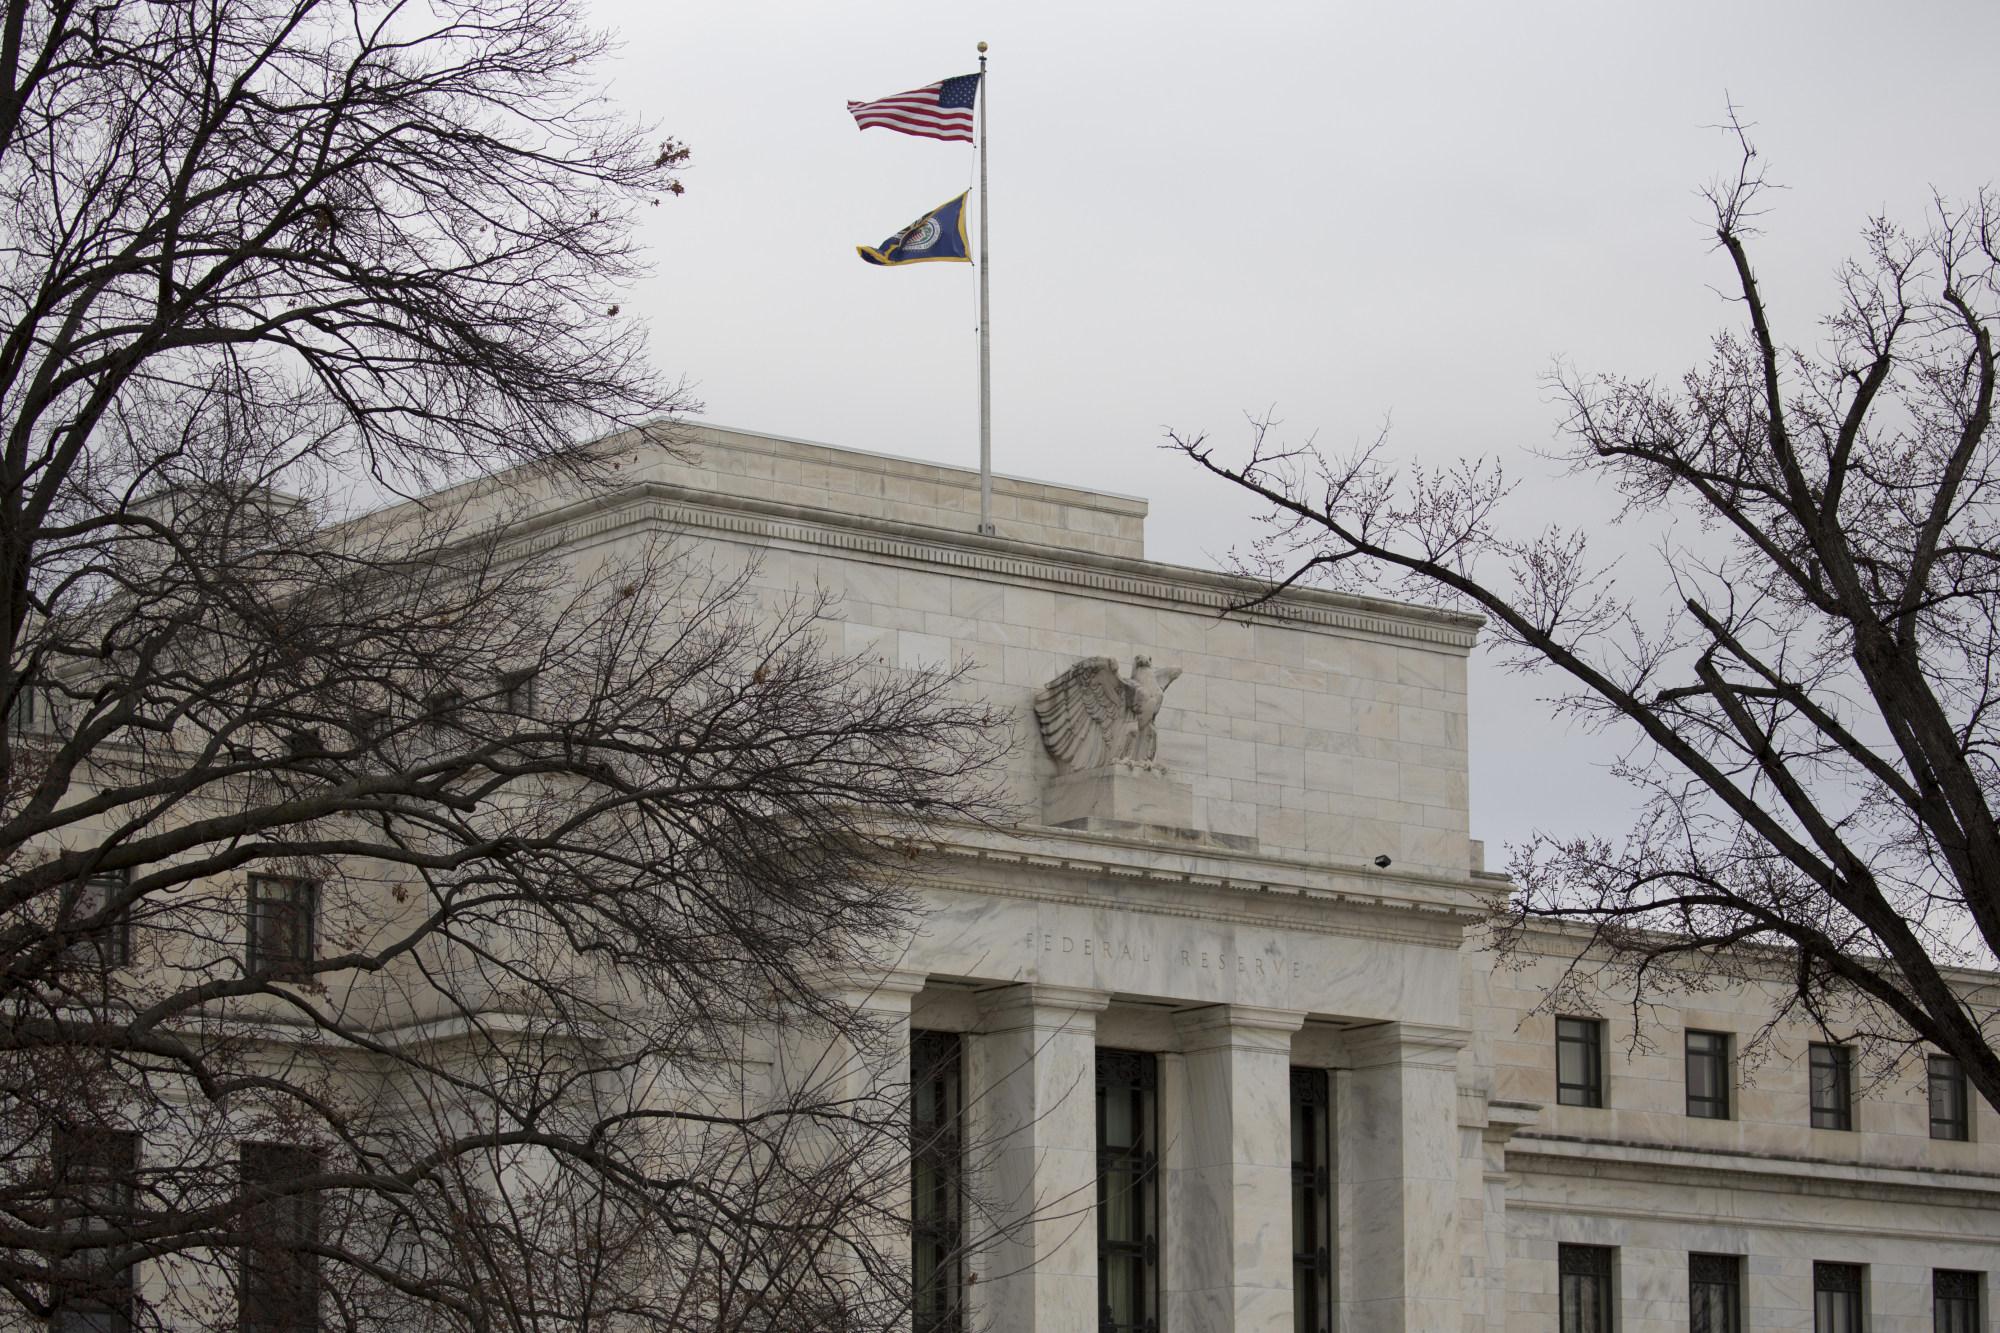 美元跌至两周低位 因数据不祥之兆及特朗普再度指责